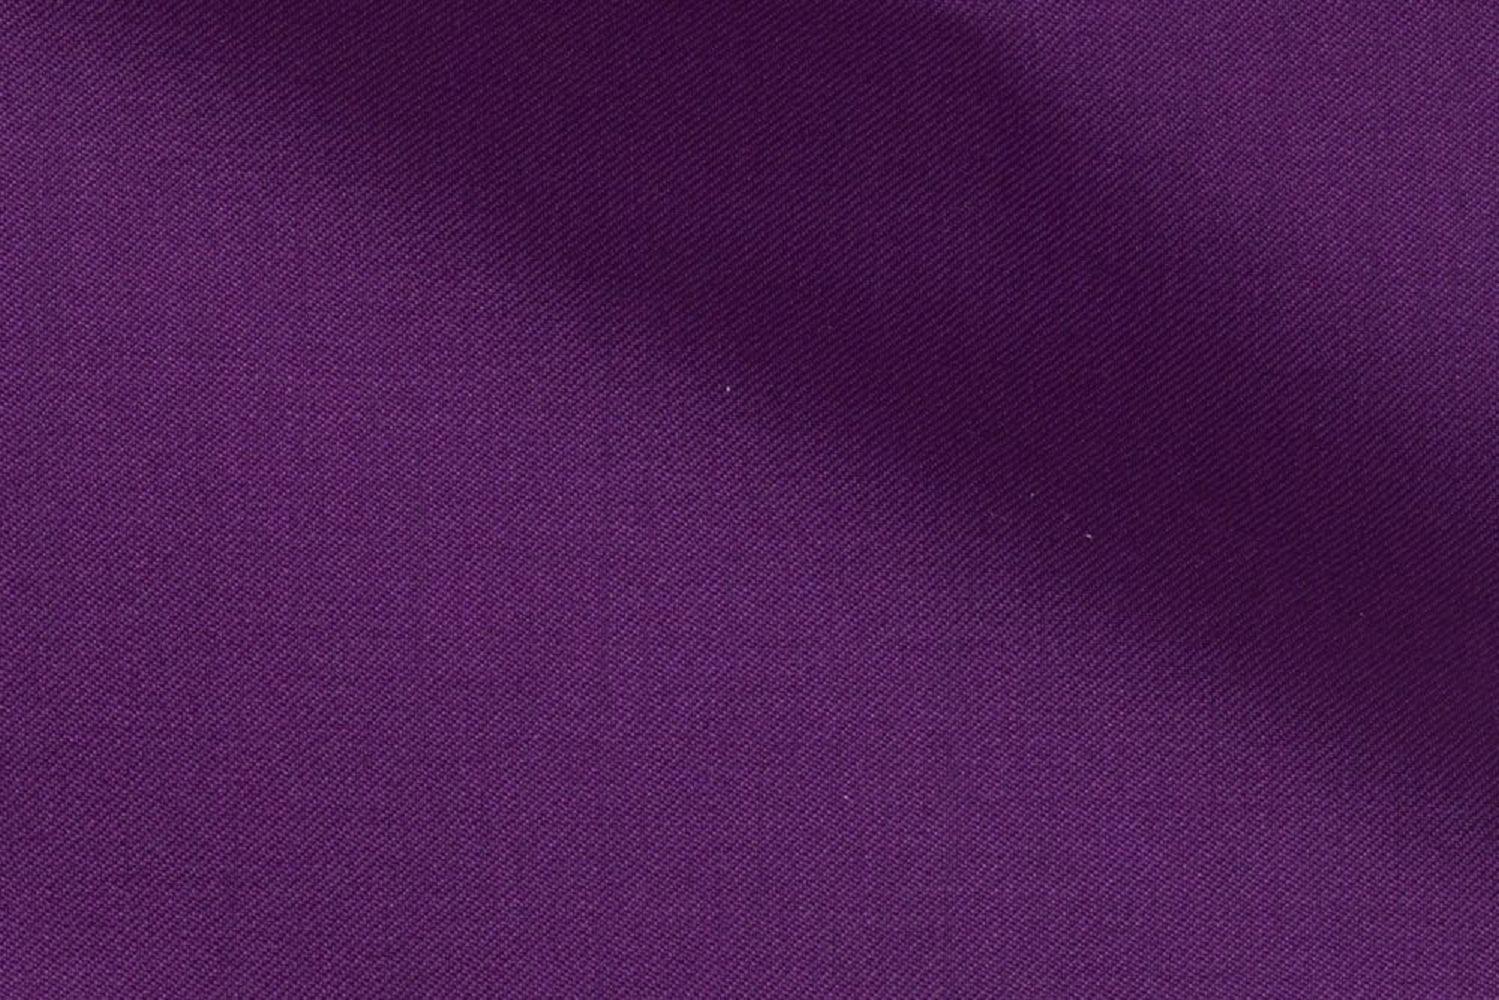 Purple Plain